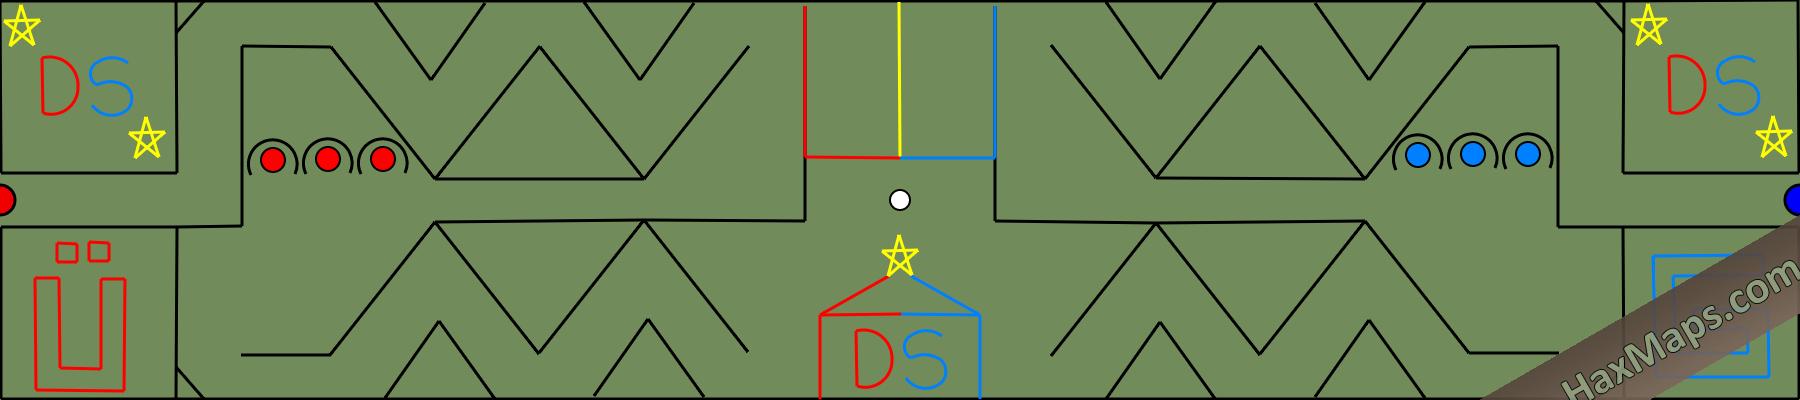 hax ball maps | dcdsf